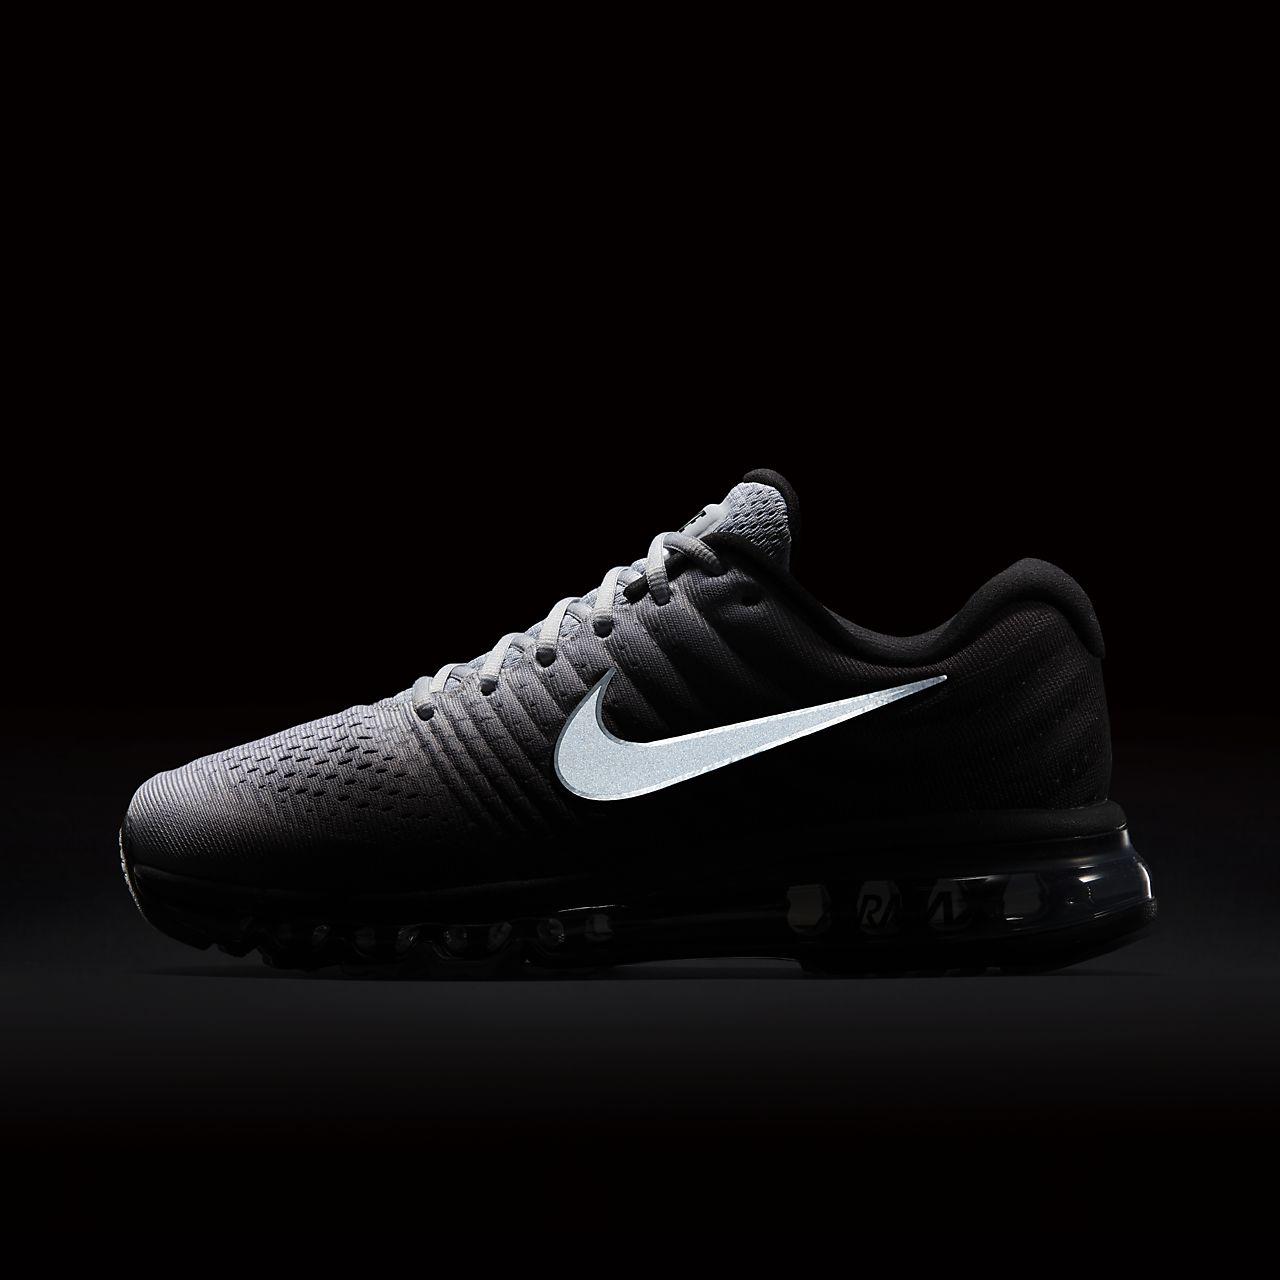 c9828a554b7 Calzado de running para hombre Nike Air Max 2017. Nike.com MX